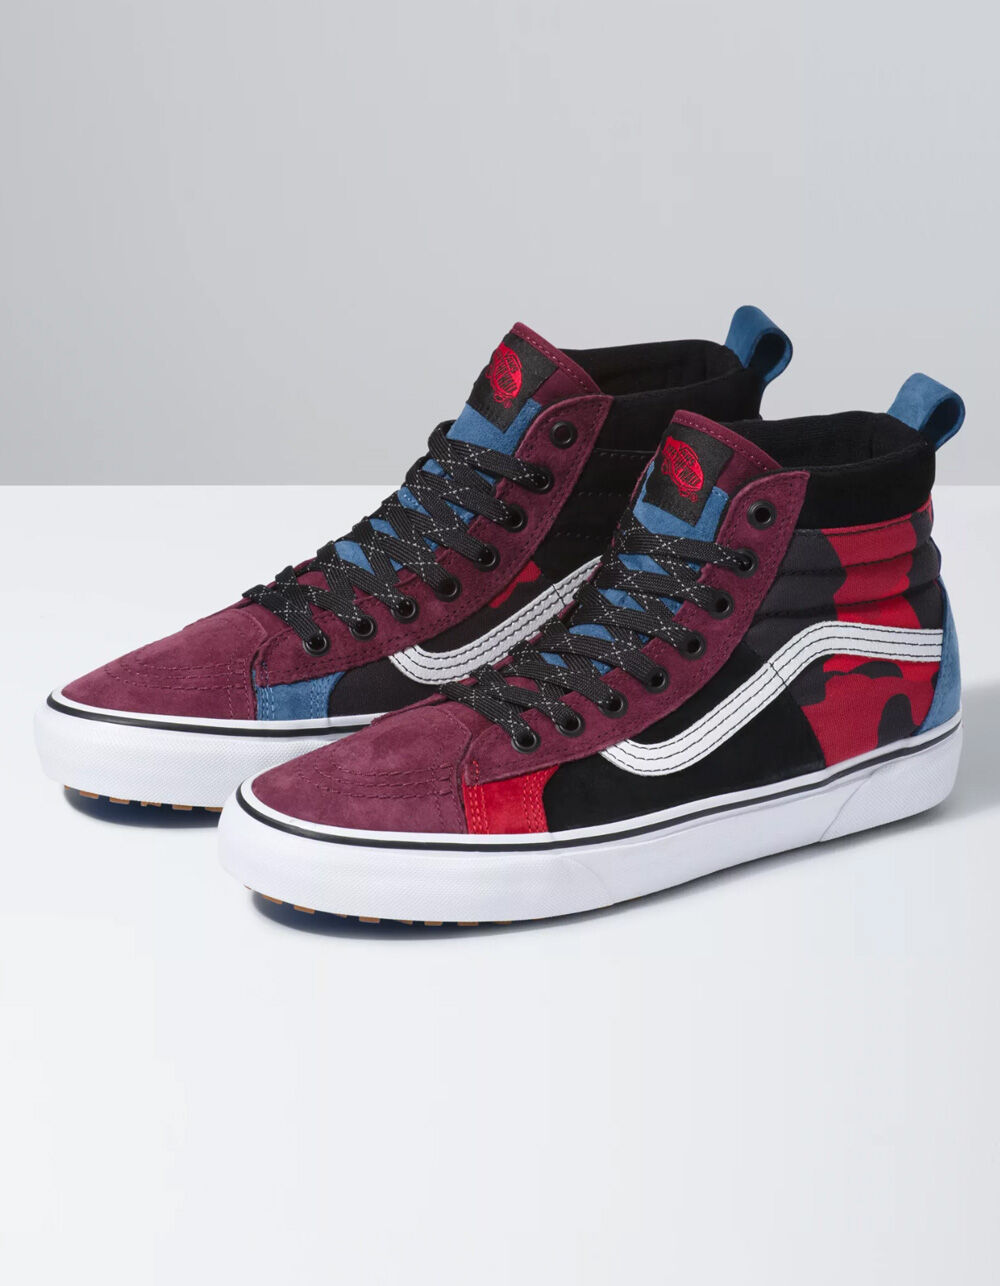 VANS Sk8-Hi 46 MTE DX Shoes